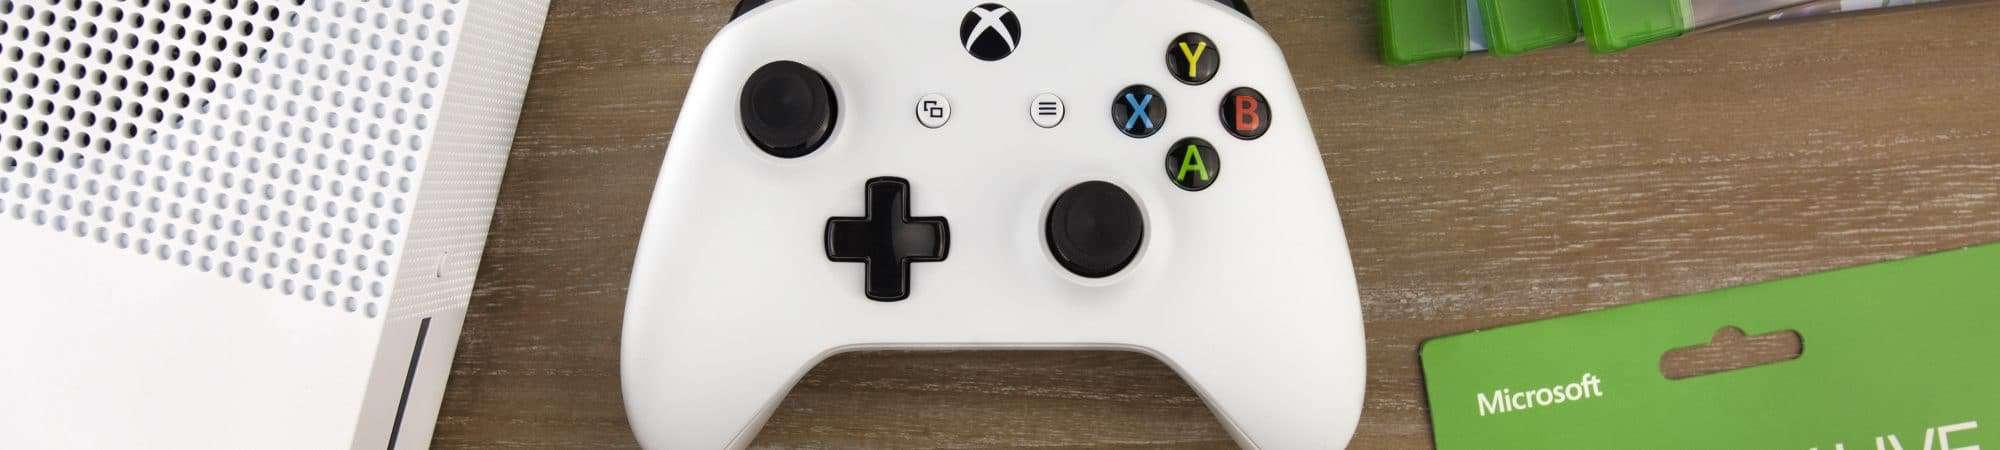 Jogos grátis de Xbox não precisam mais da assinatura do serviço Live Gold. Imagem: ArtSimulacra / Shutterstock.com